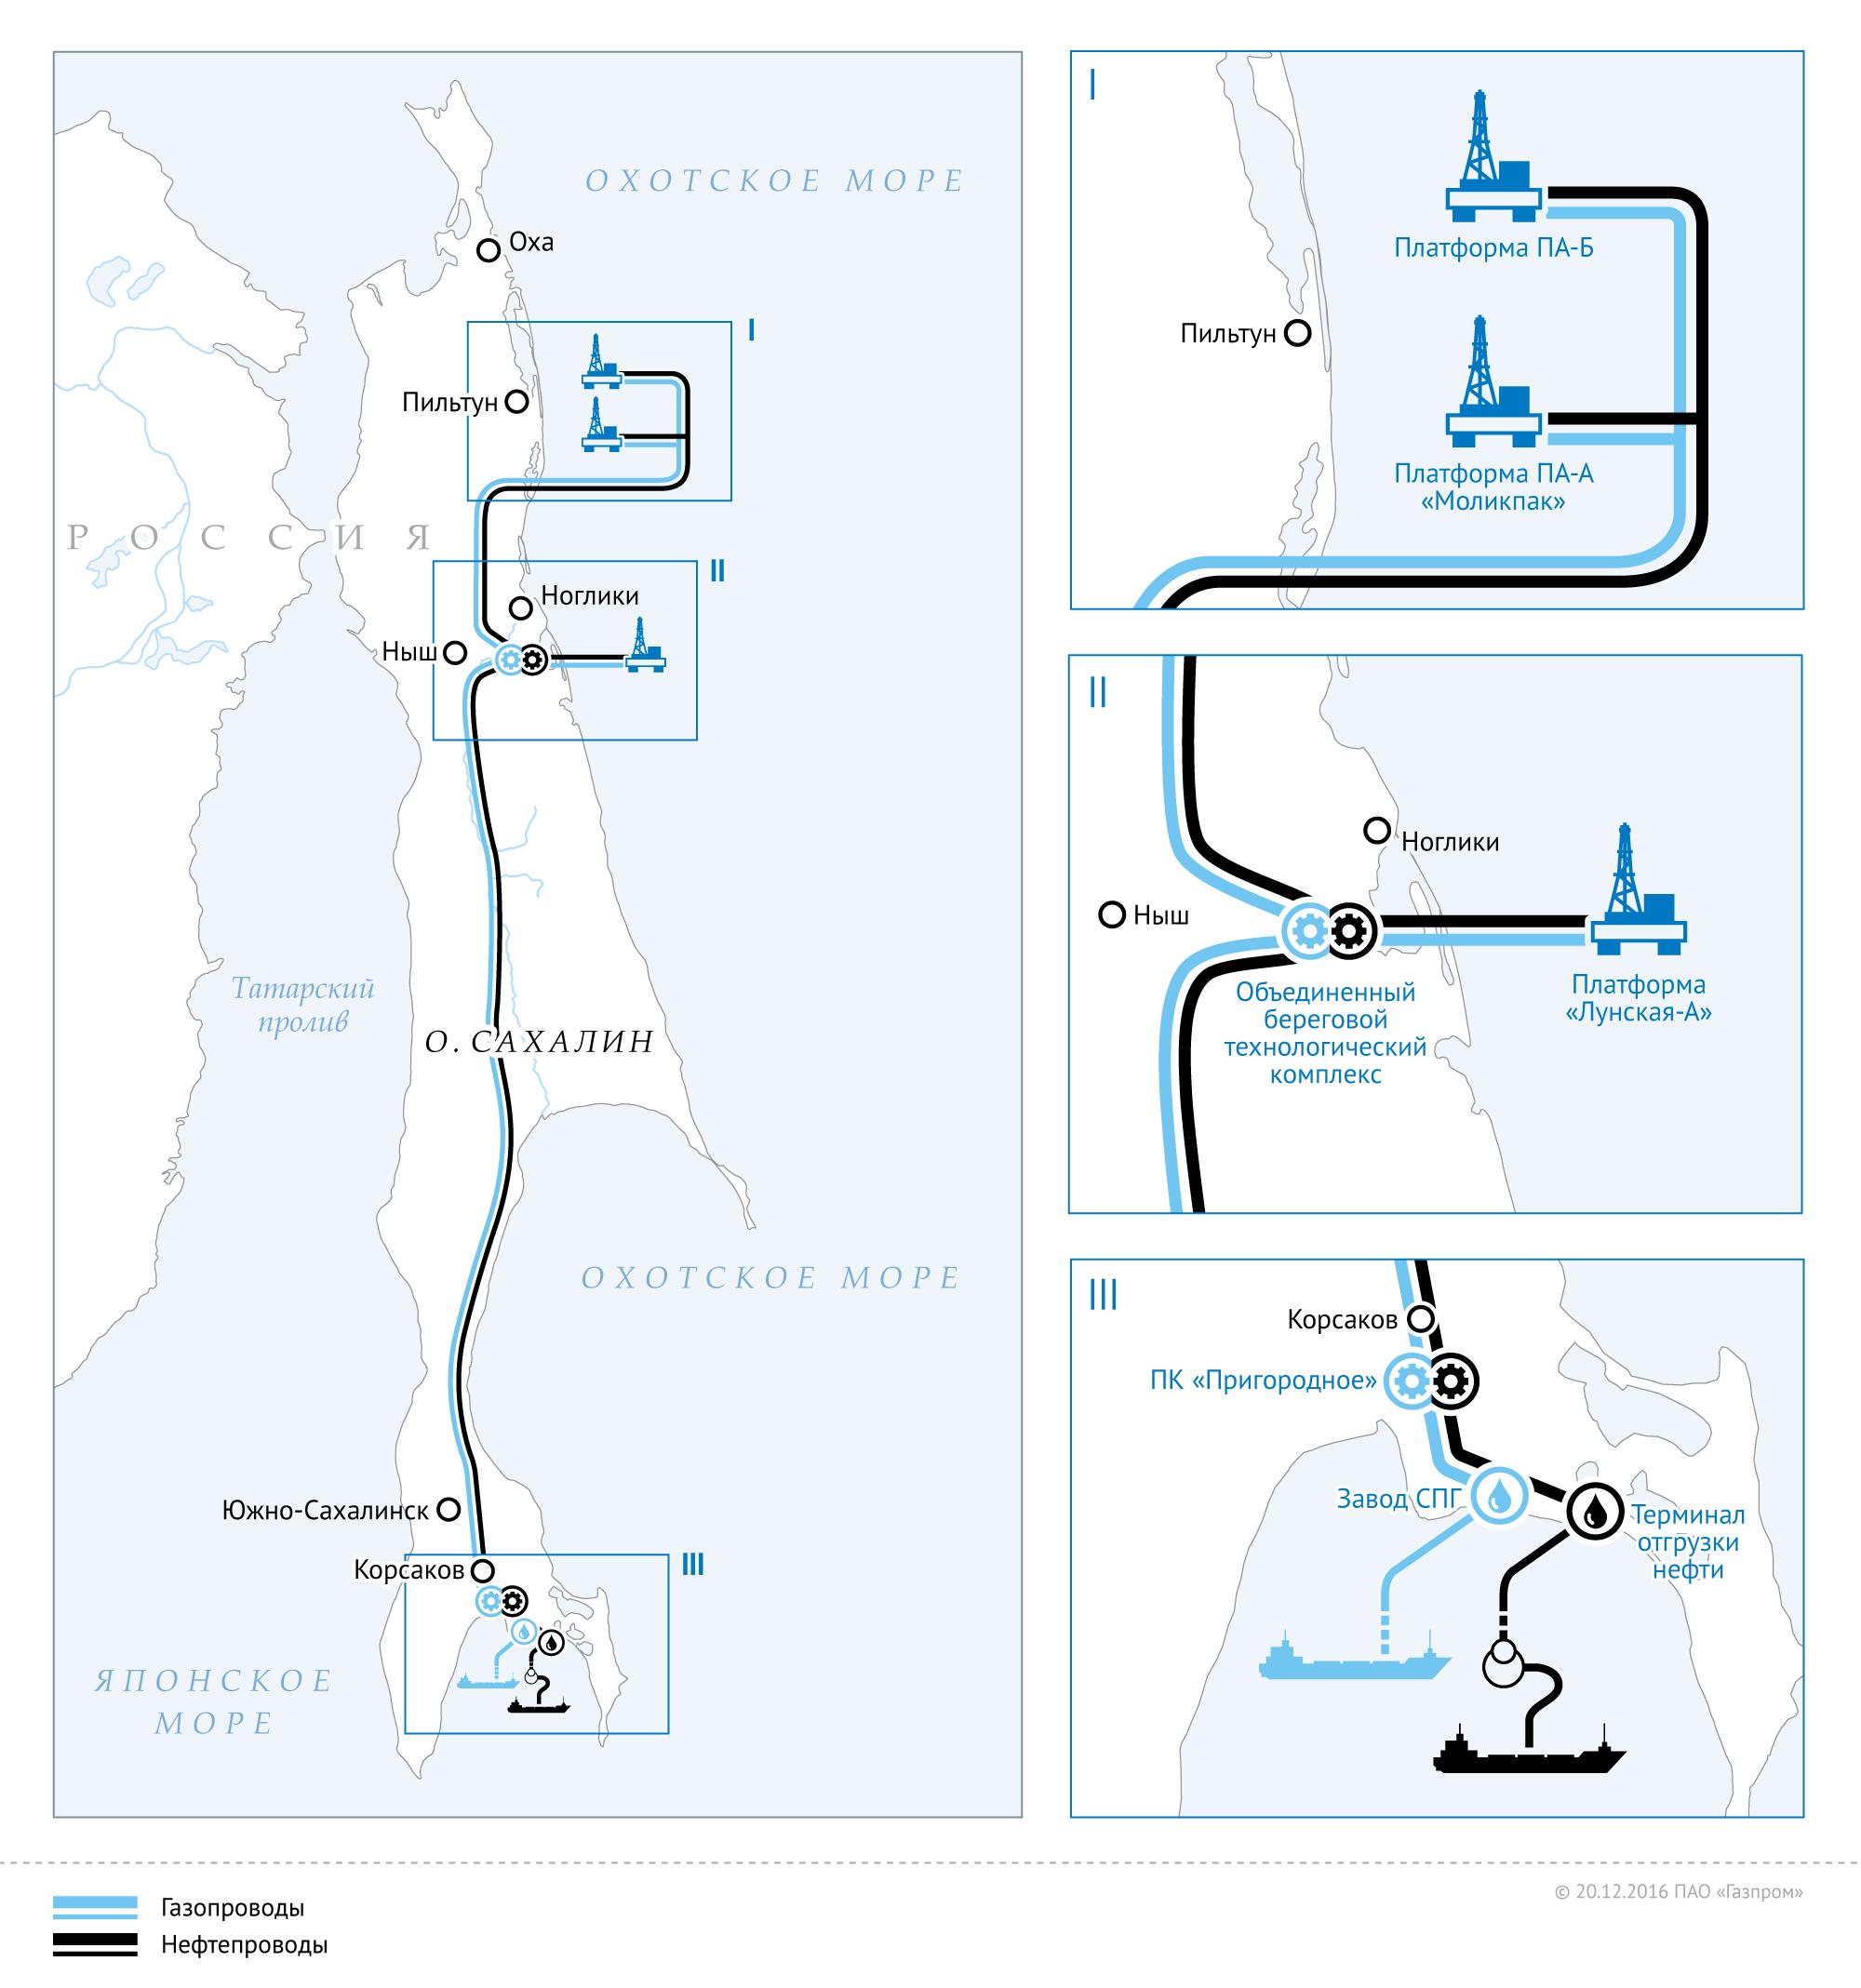 map_sakhalin_2_r2016-12-20.png